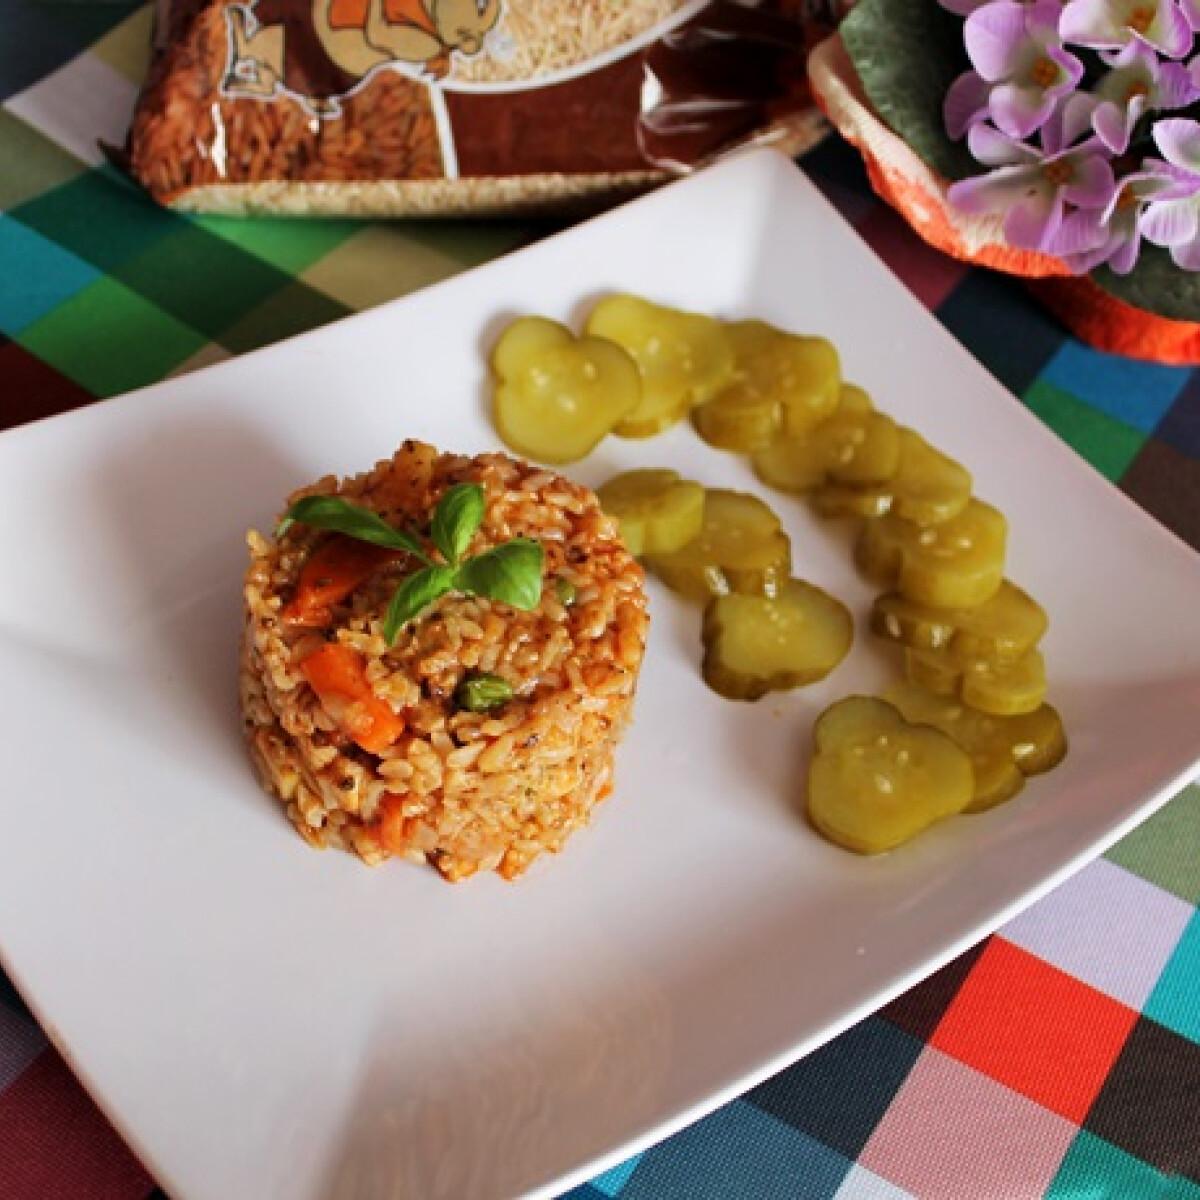 Ezen a képen: Zöldséges csirke barna rizzsel